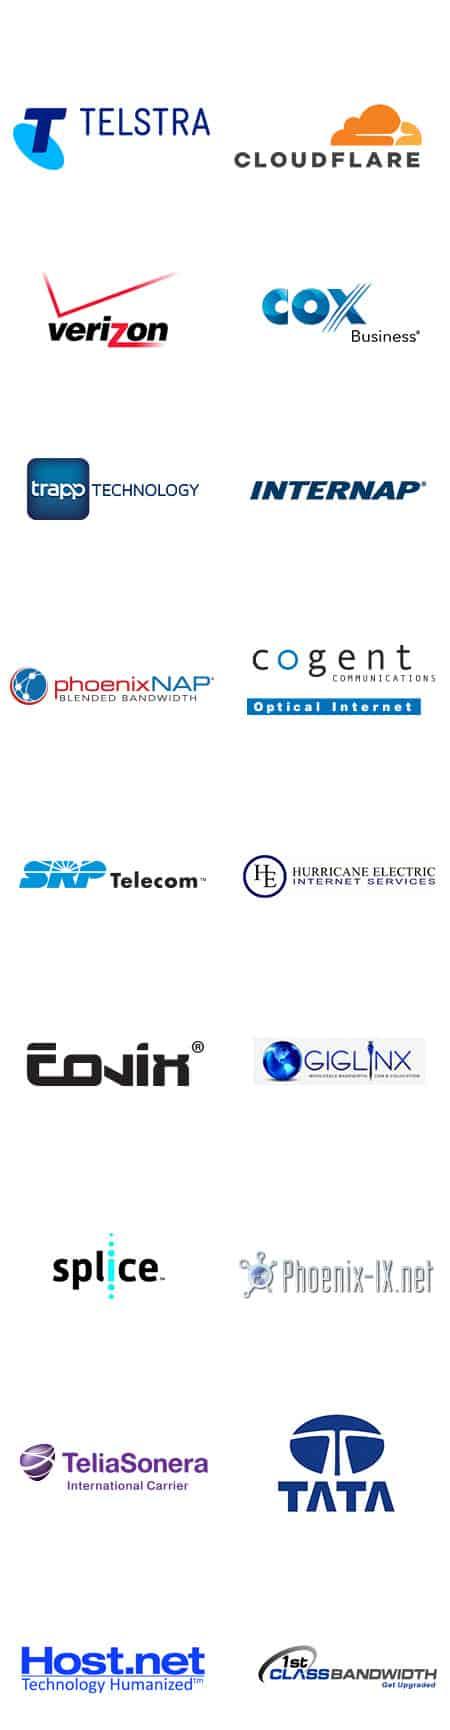 Carrier Networks in Phoenix